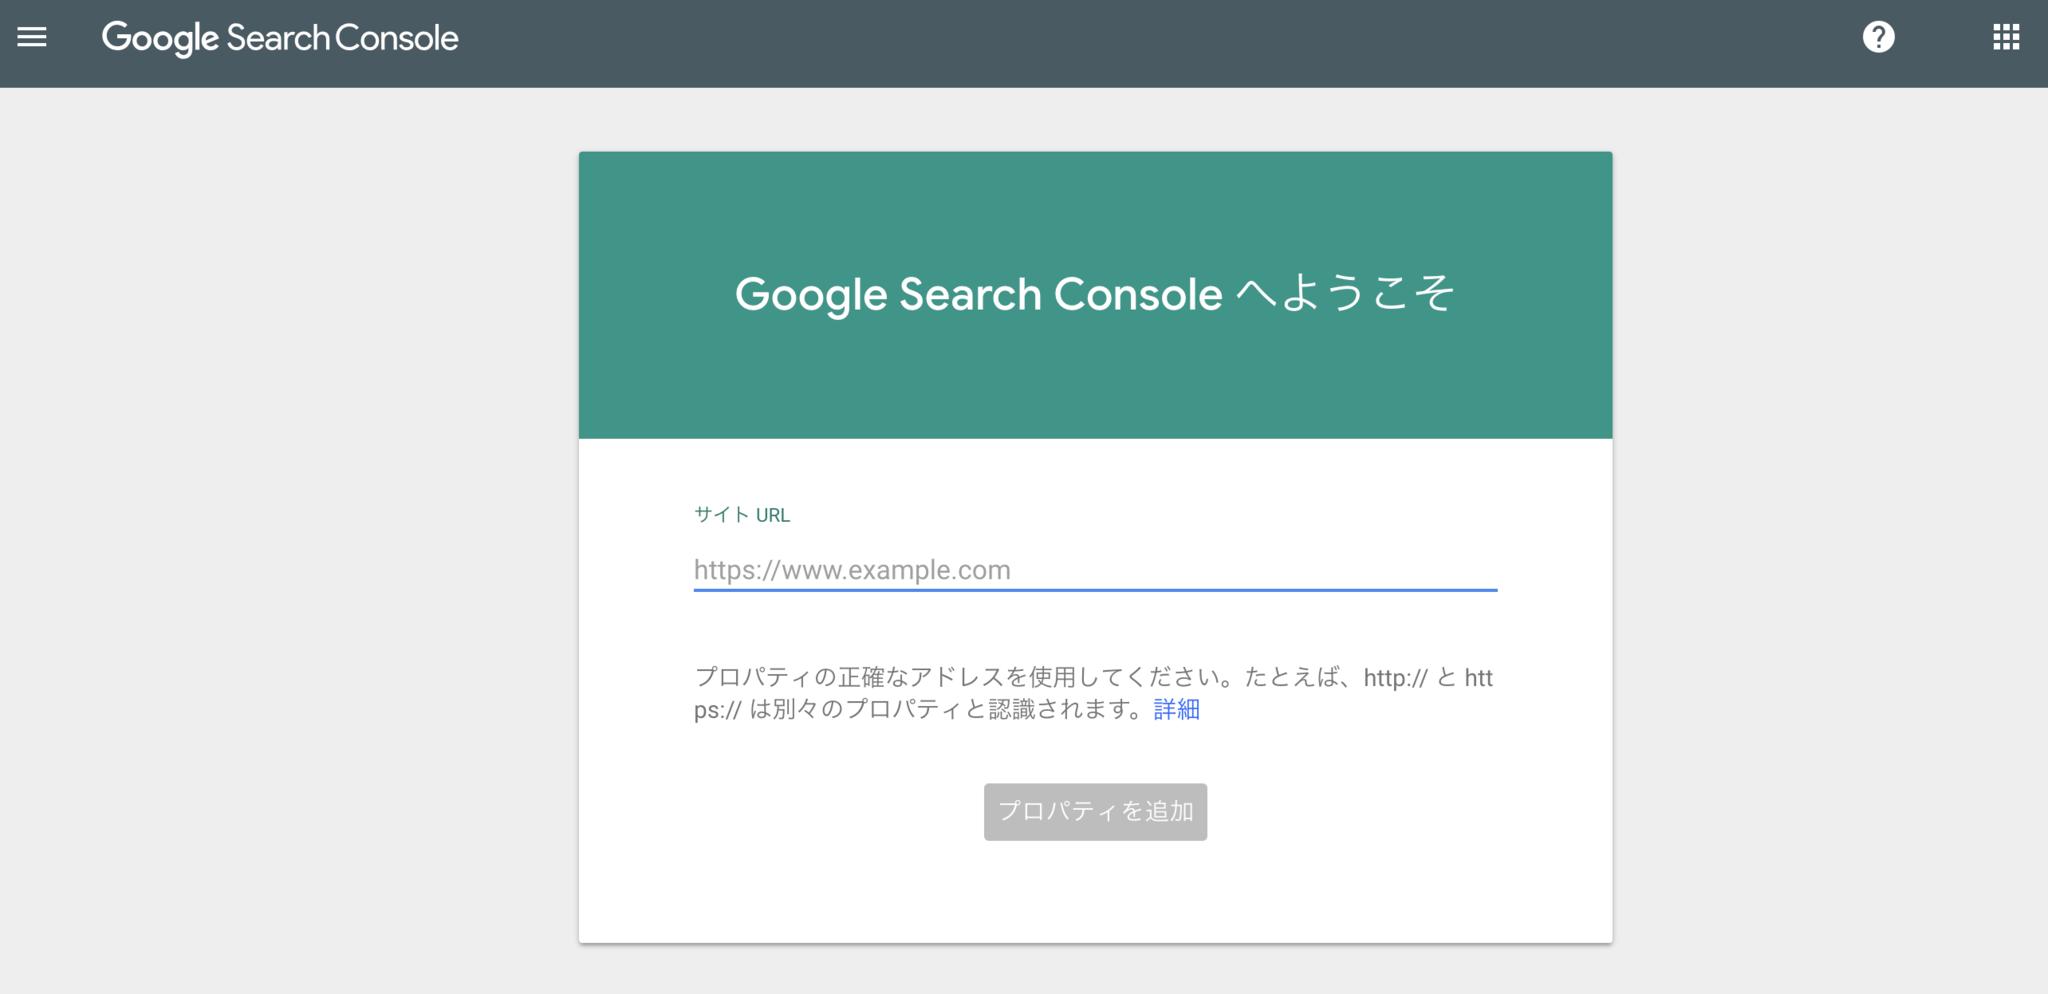 グーグルサーチコンソールトップ画面